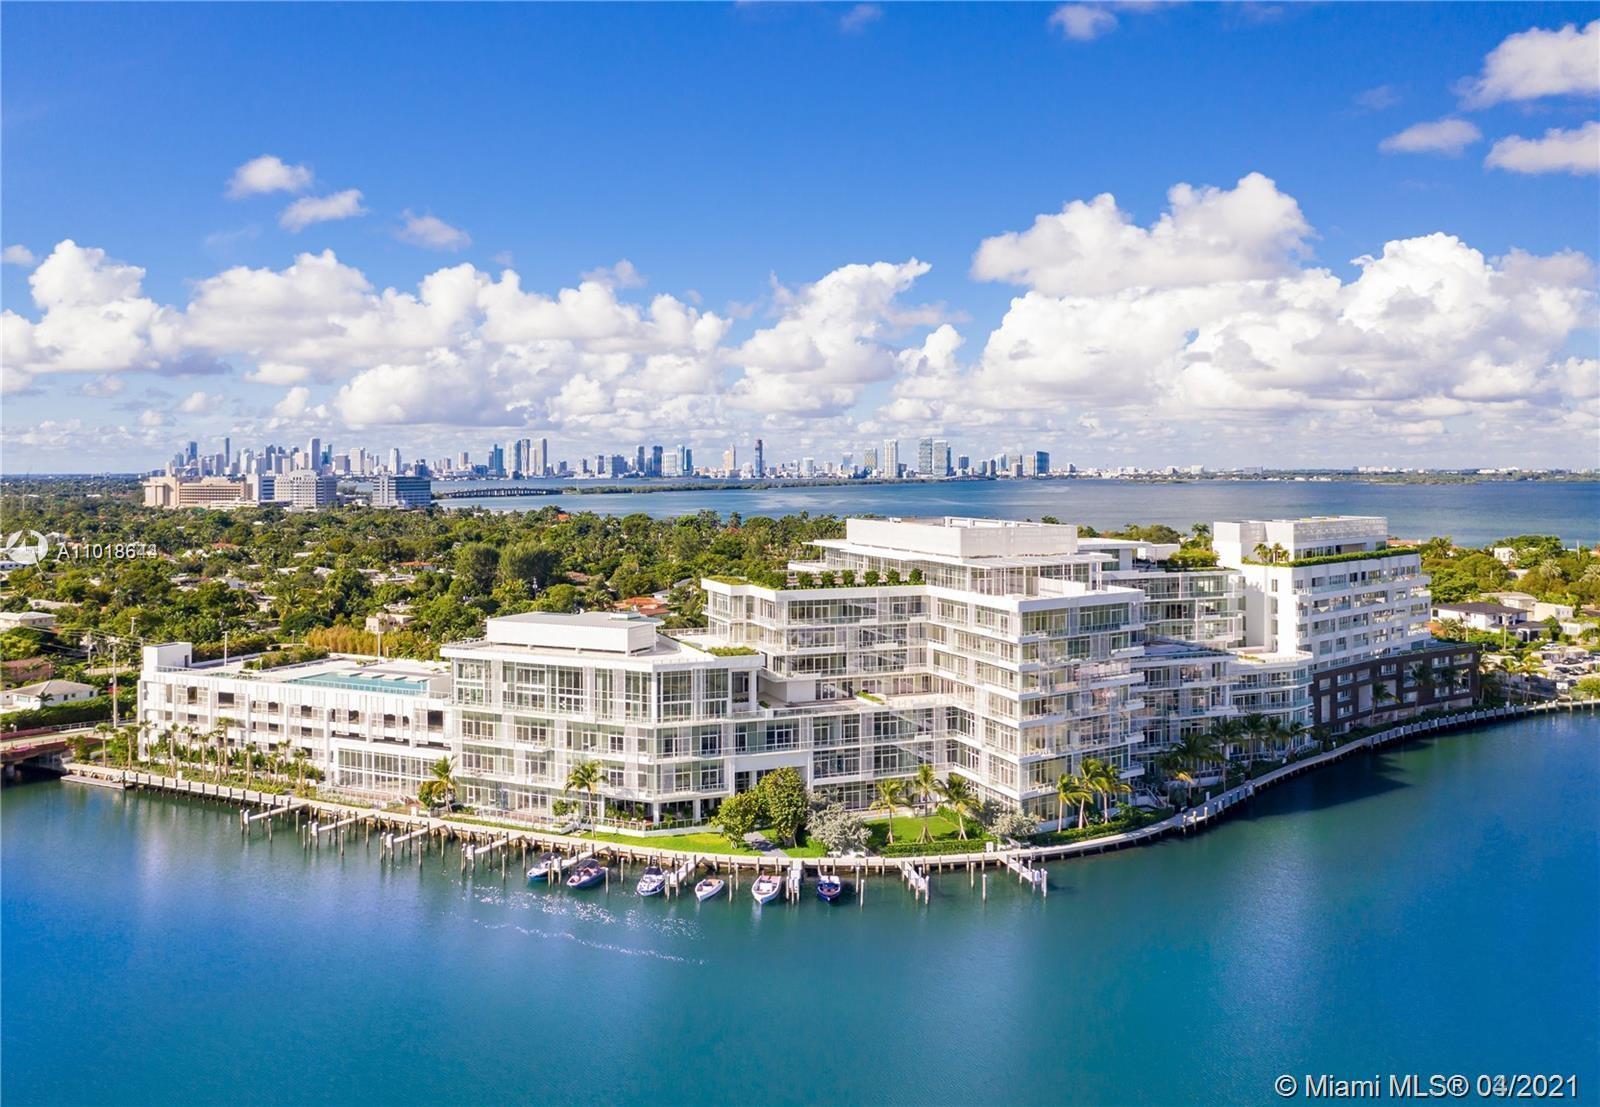 Nautilus - 1071 W 48 ST, Miami Beach, FL 33140